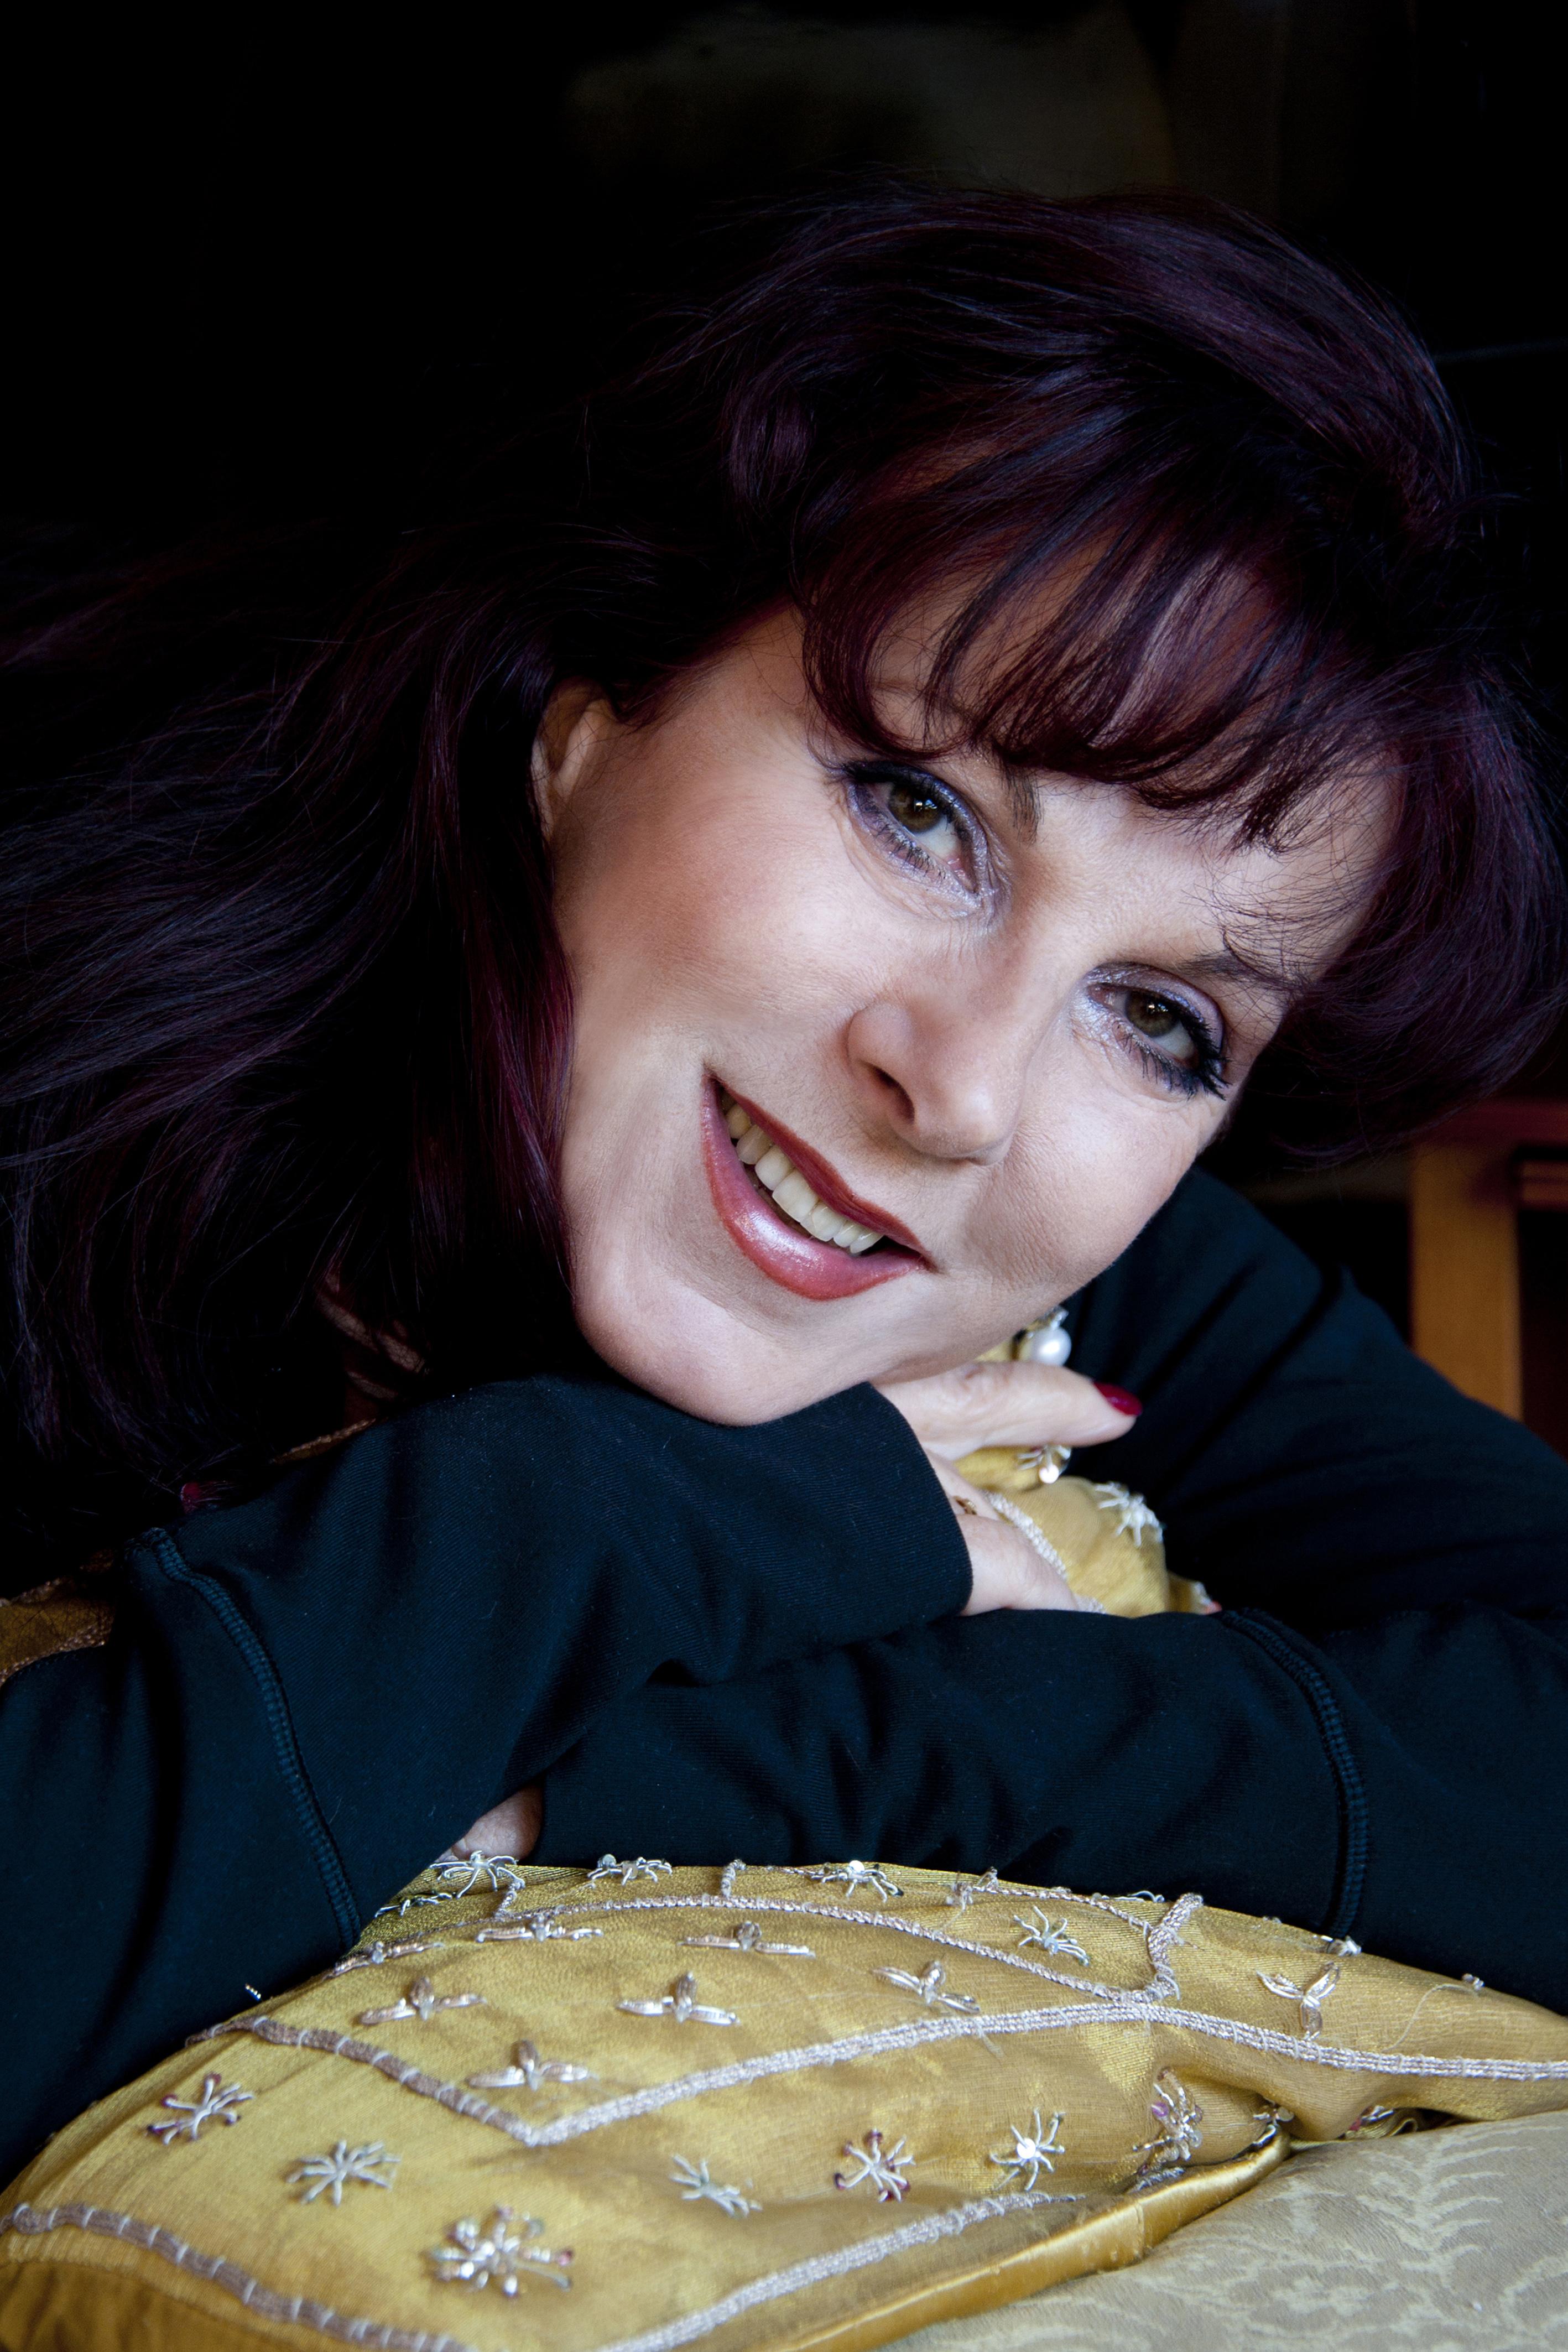 Denia Mazzola Gavazzeni per Le Cercle à musique scopre nuovi talenti lirici.